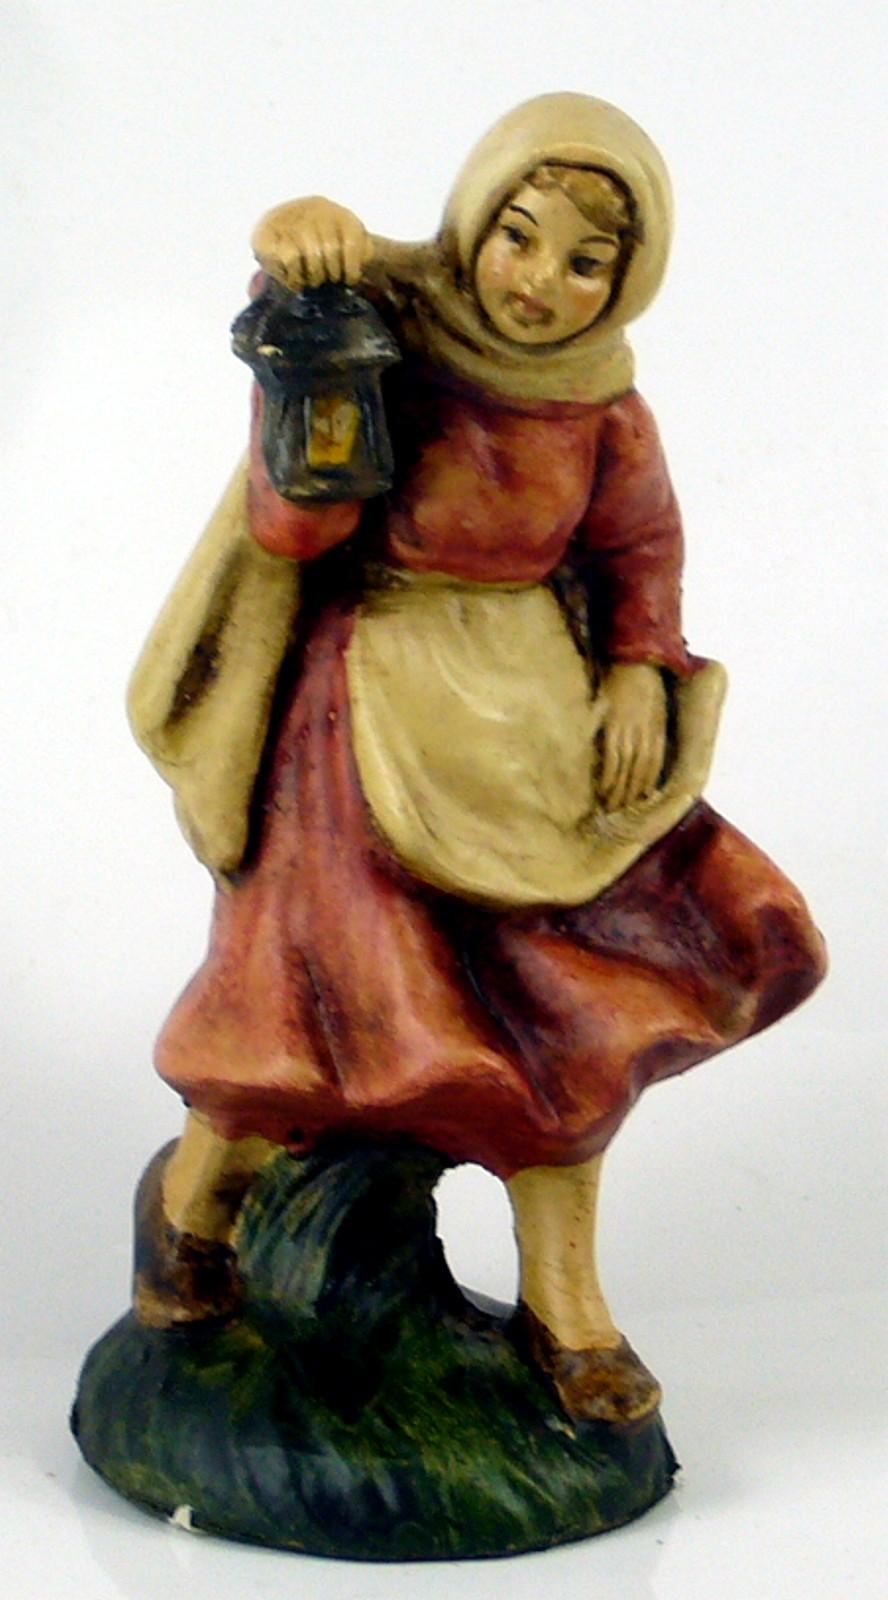 Nacimiento figuras del bel n piezas para 10cm cartapesta for Amazon figuras belen